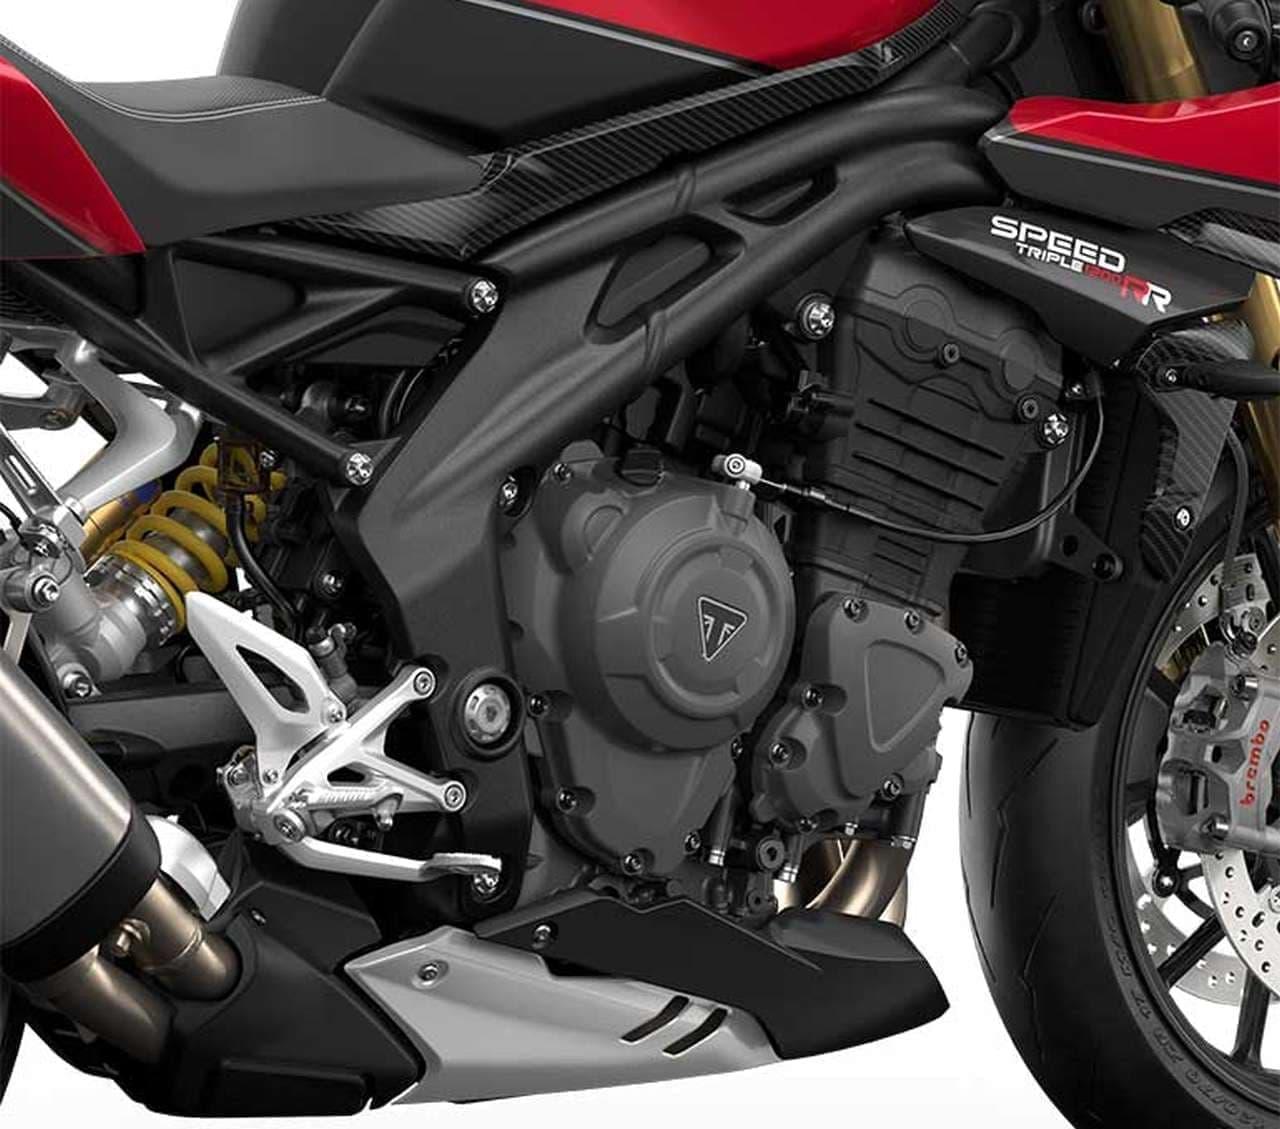 トライアンフ 新型「Speed Triple 1200 RR」発表